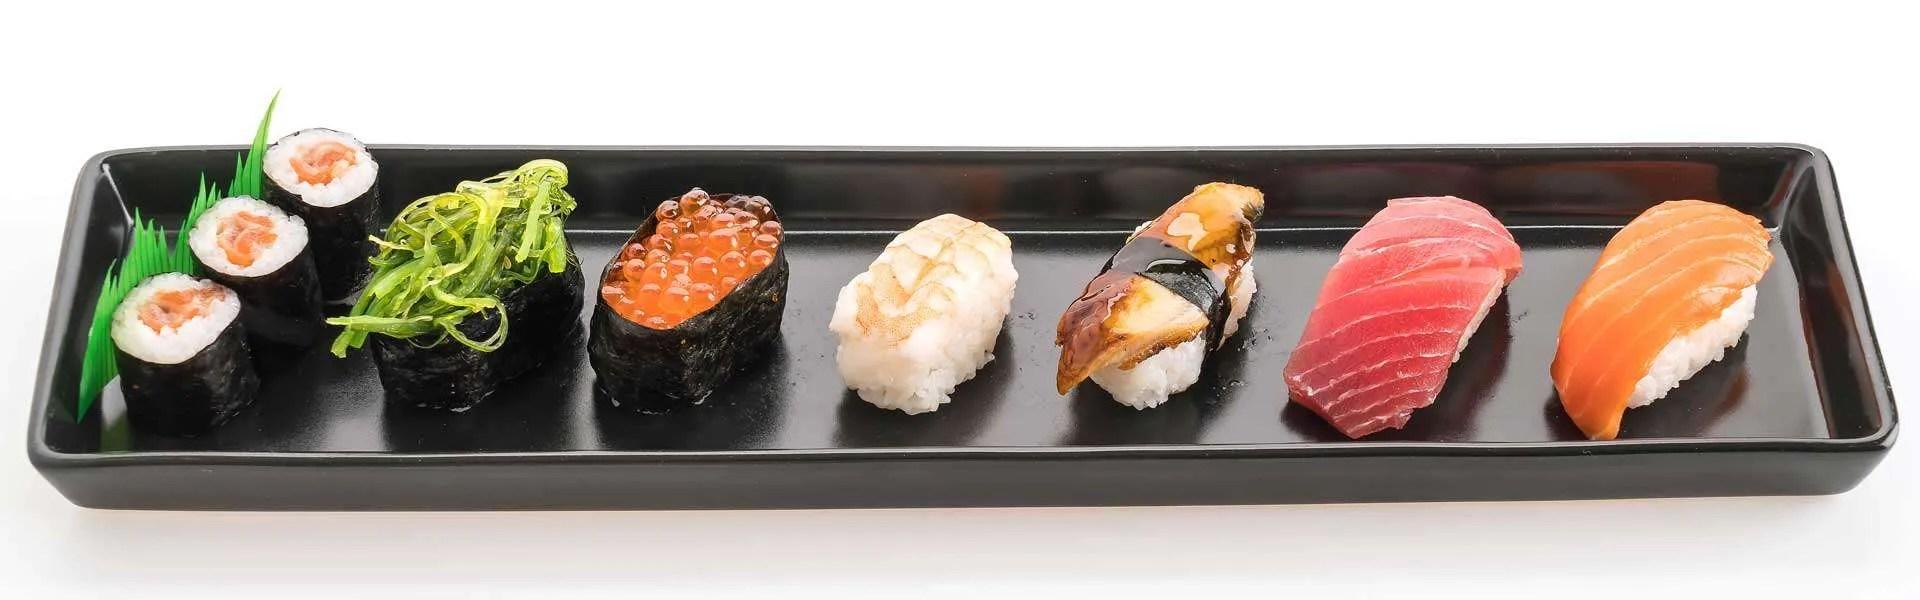 Leyendas urbanas sobre el sushi